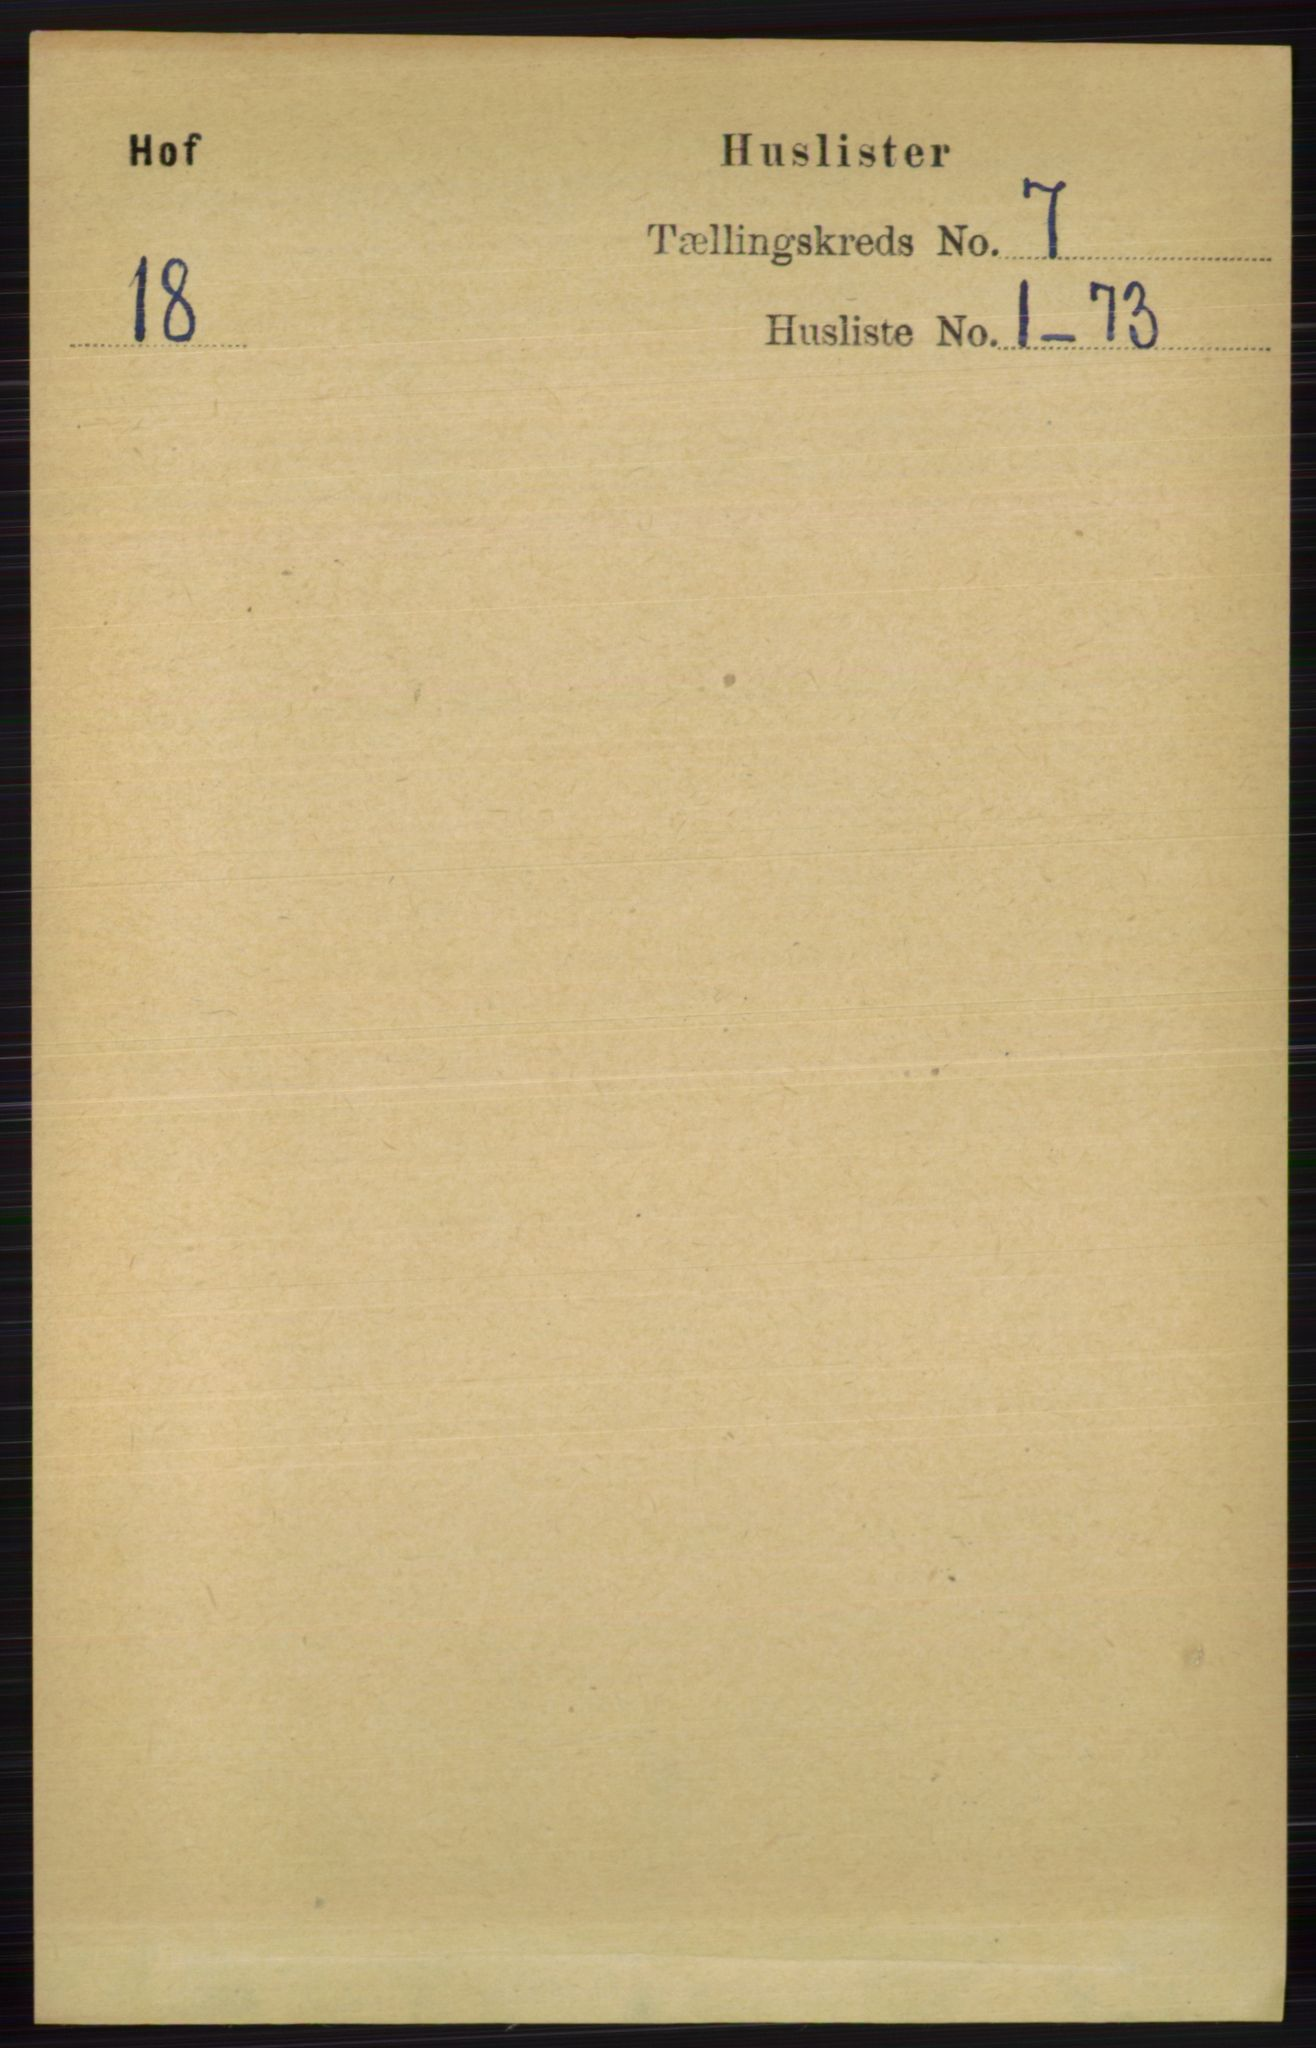 RA, Folketelling 1891 for 0714 Hof herred, 1891, s. 2349